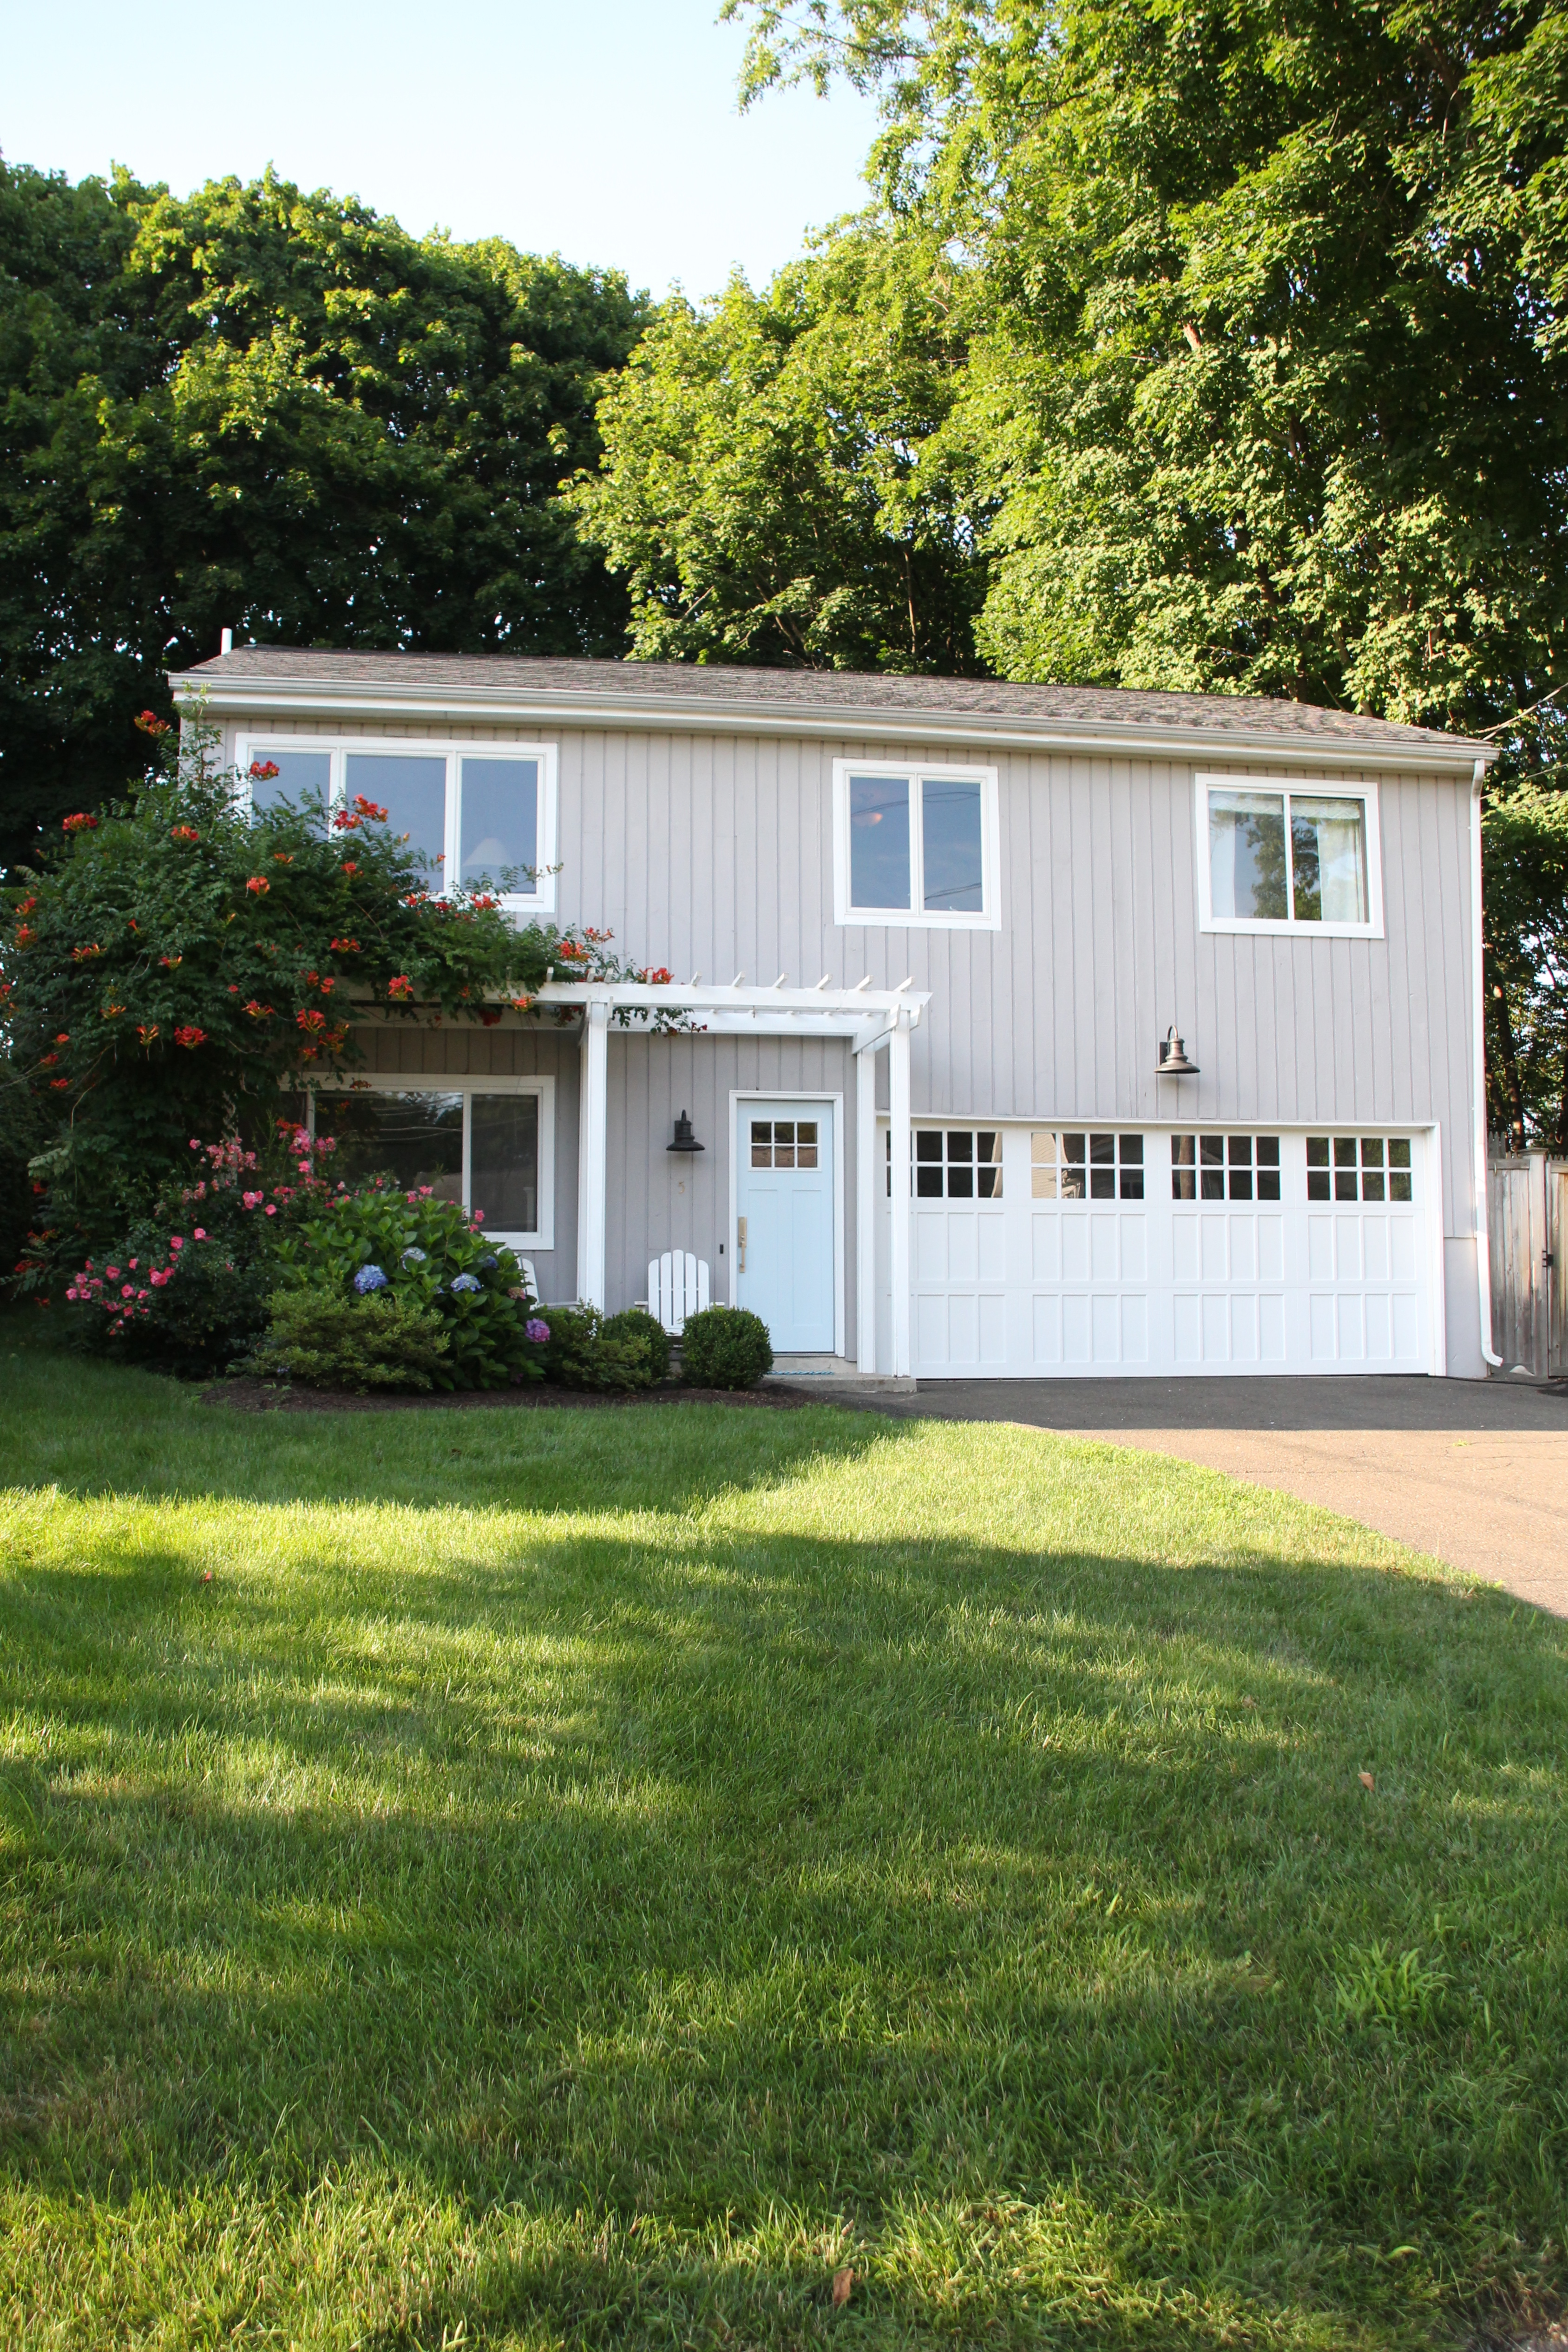 Casa Unifamiliar por un Venta en 5 Woodbine Street Rowayton, Norwalk, Connecticut 06853 Estados Unidos